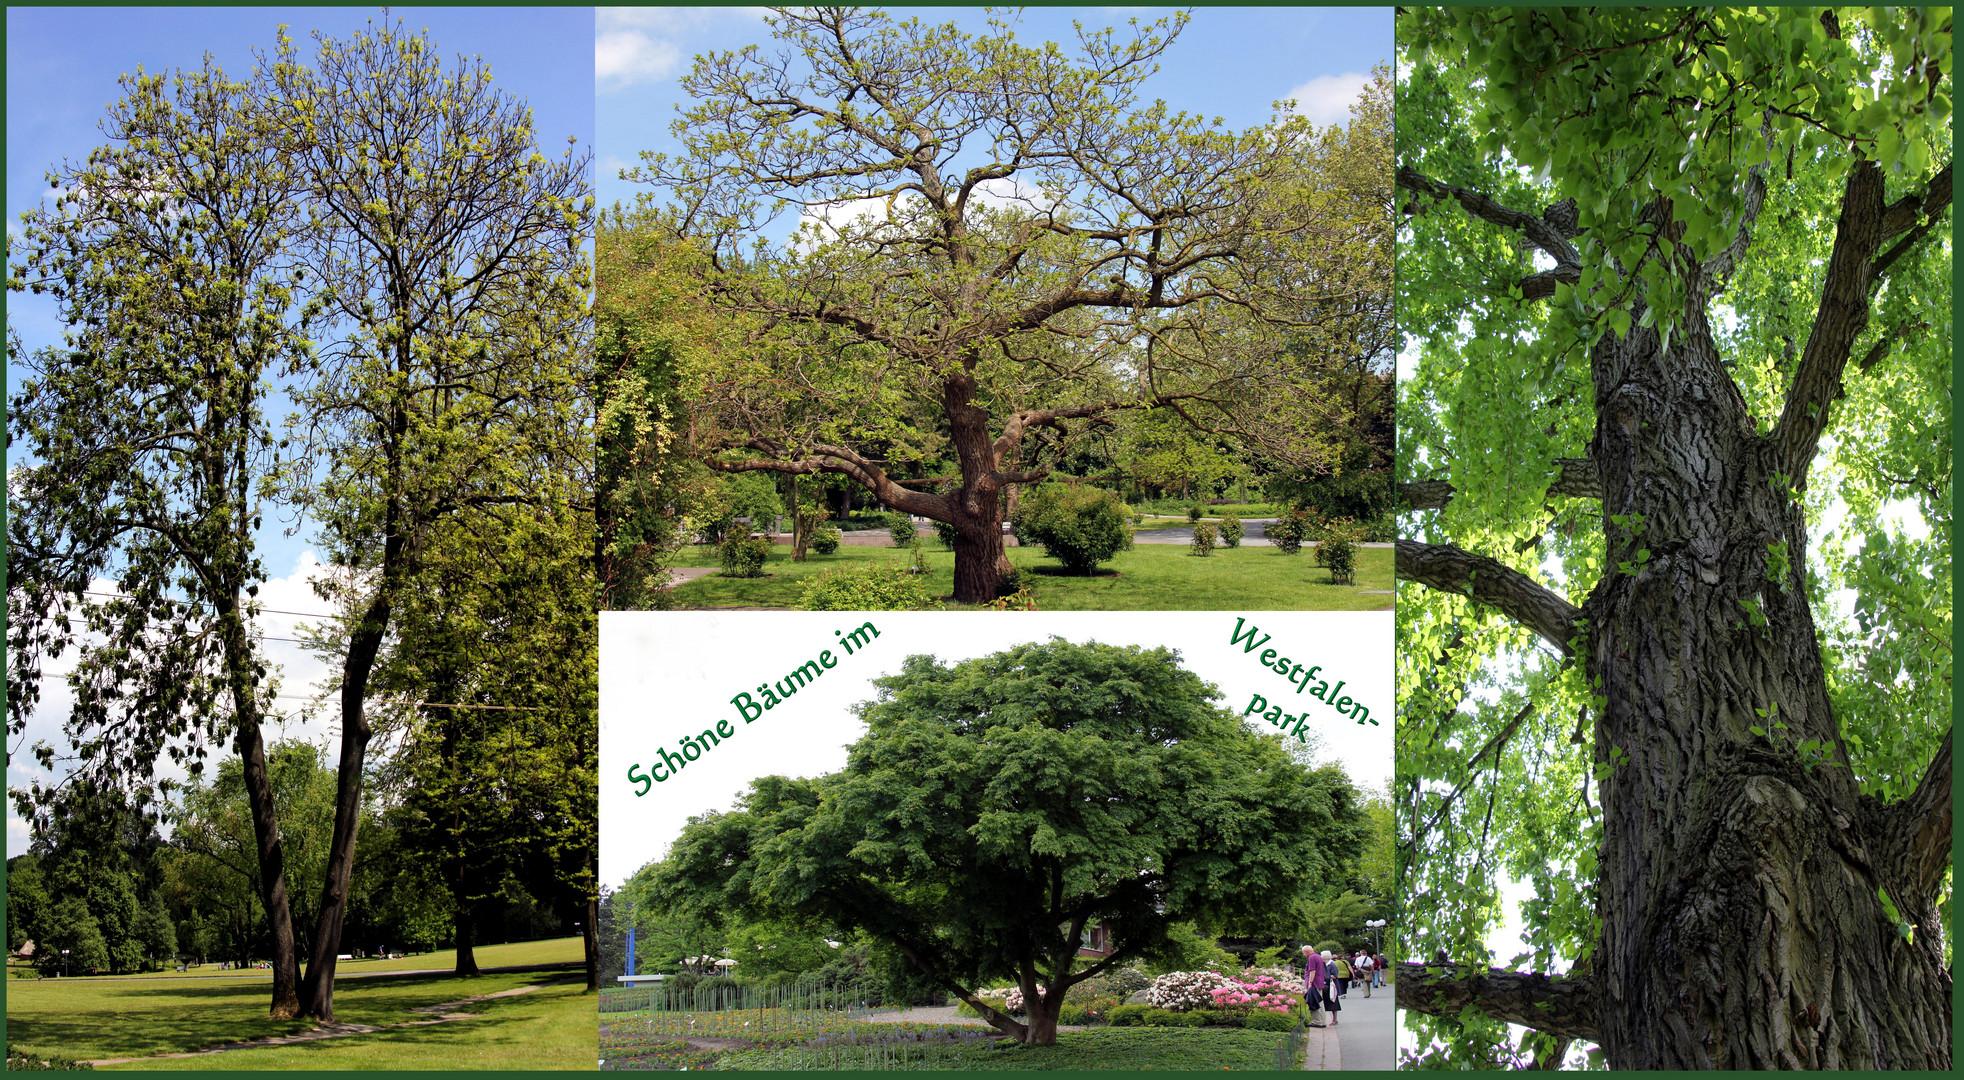 Wunderschöne Bäume...